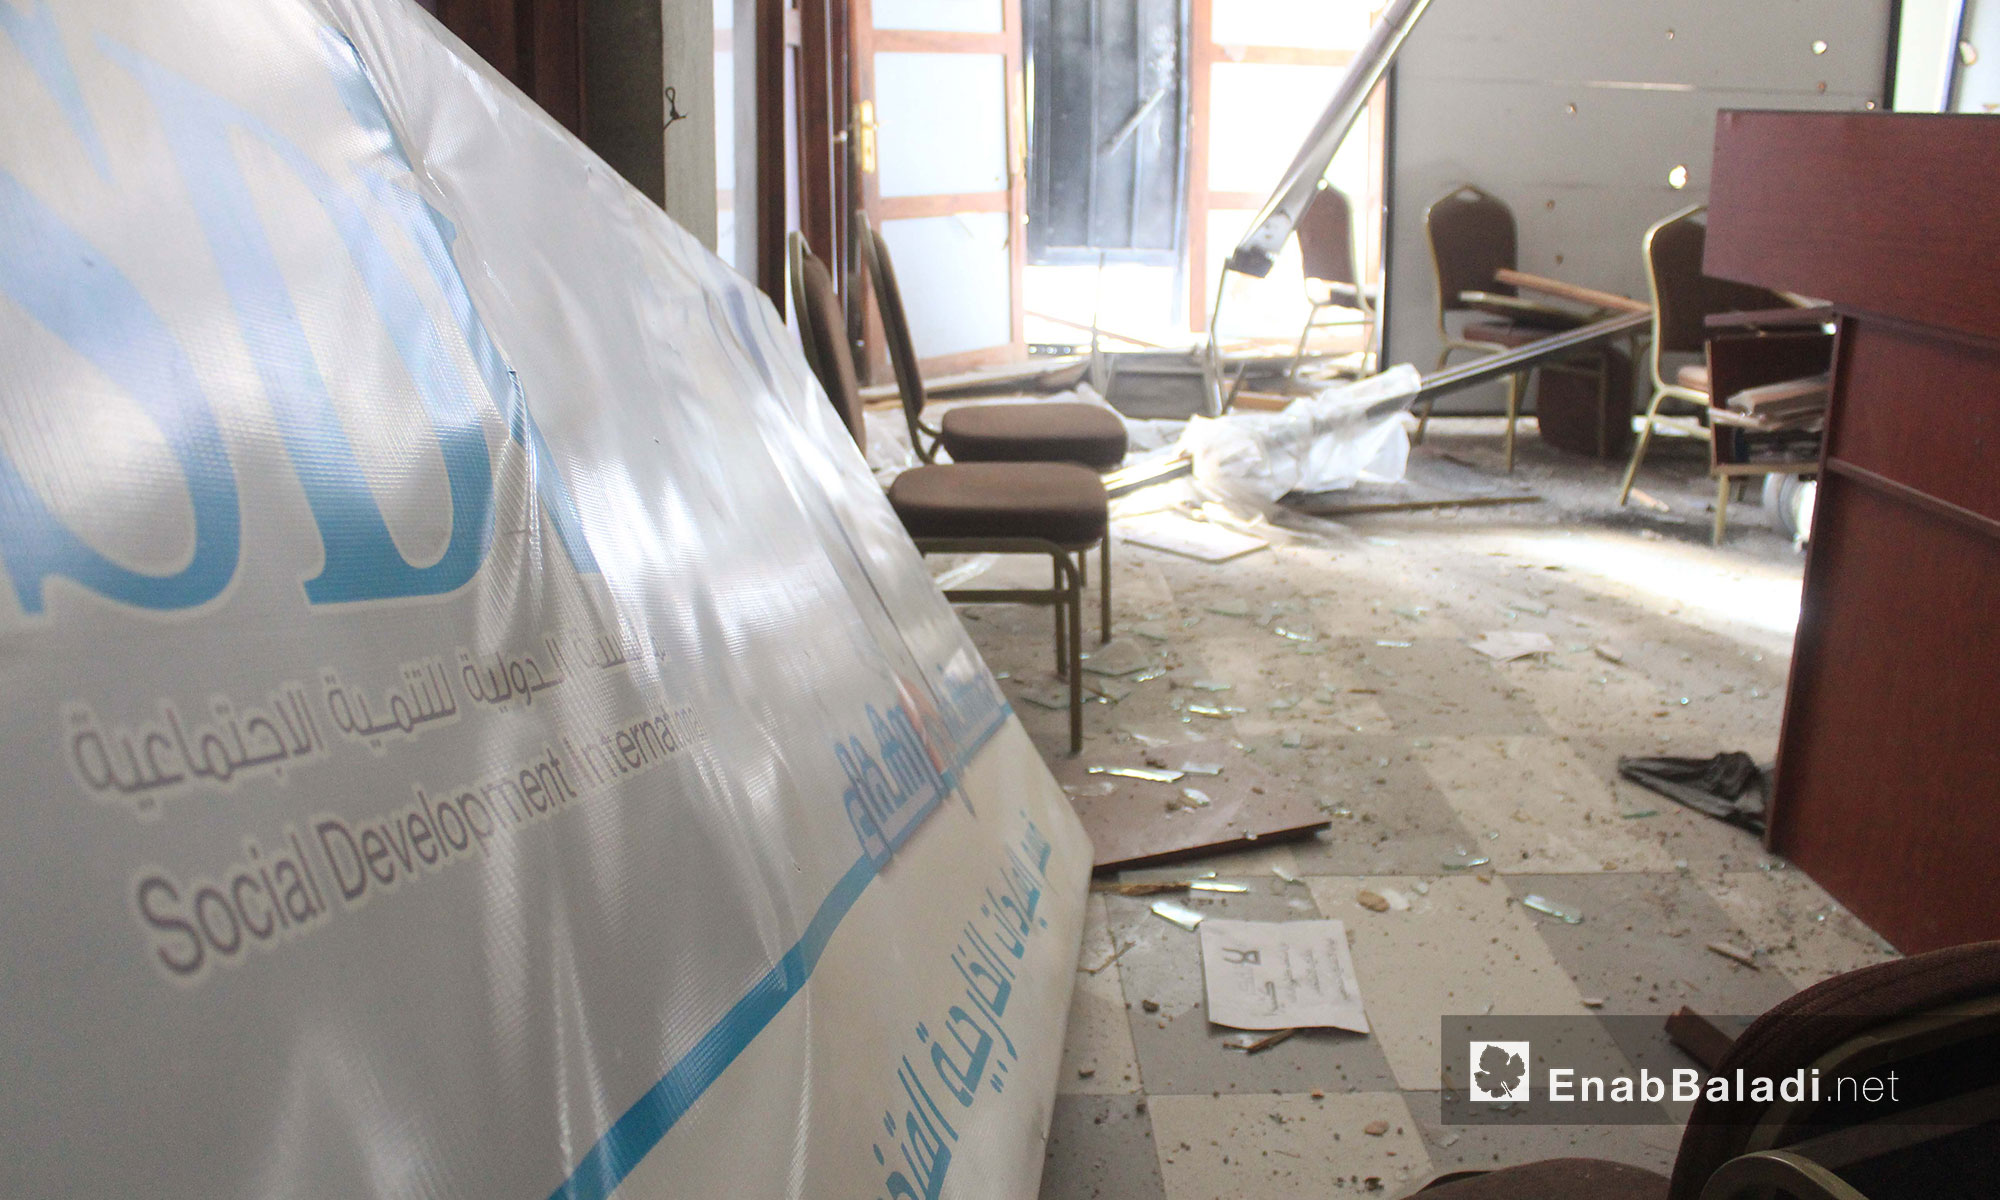 مشفى الشفاء في حمورية بعد استهدافه في الغوطة الشرقية - 21 شباط 2018 (عنب بلدي)